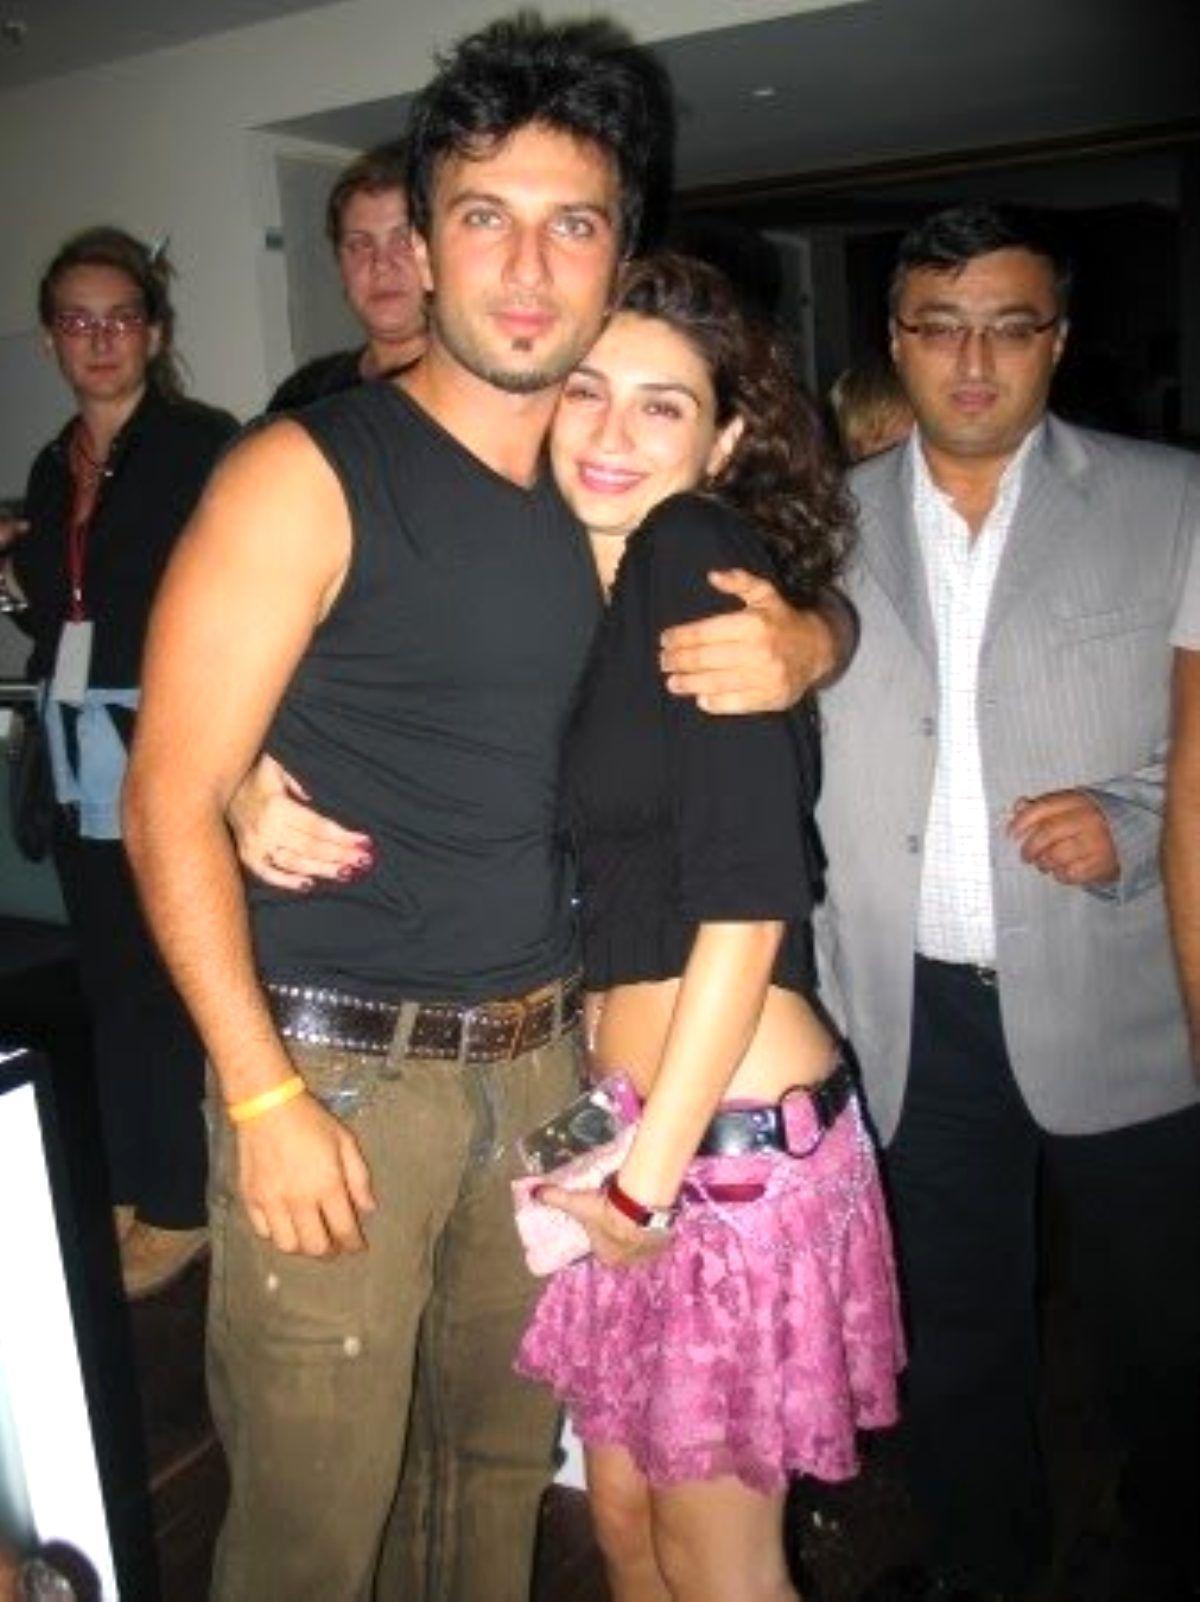 Tarkan'ın eski sevgilisi Bilge Öztürk, kendisinden 22 yaş küçük sevgilisi ile ilk kez görüntülendi - Sayfa:1